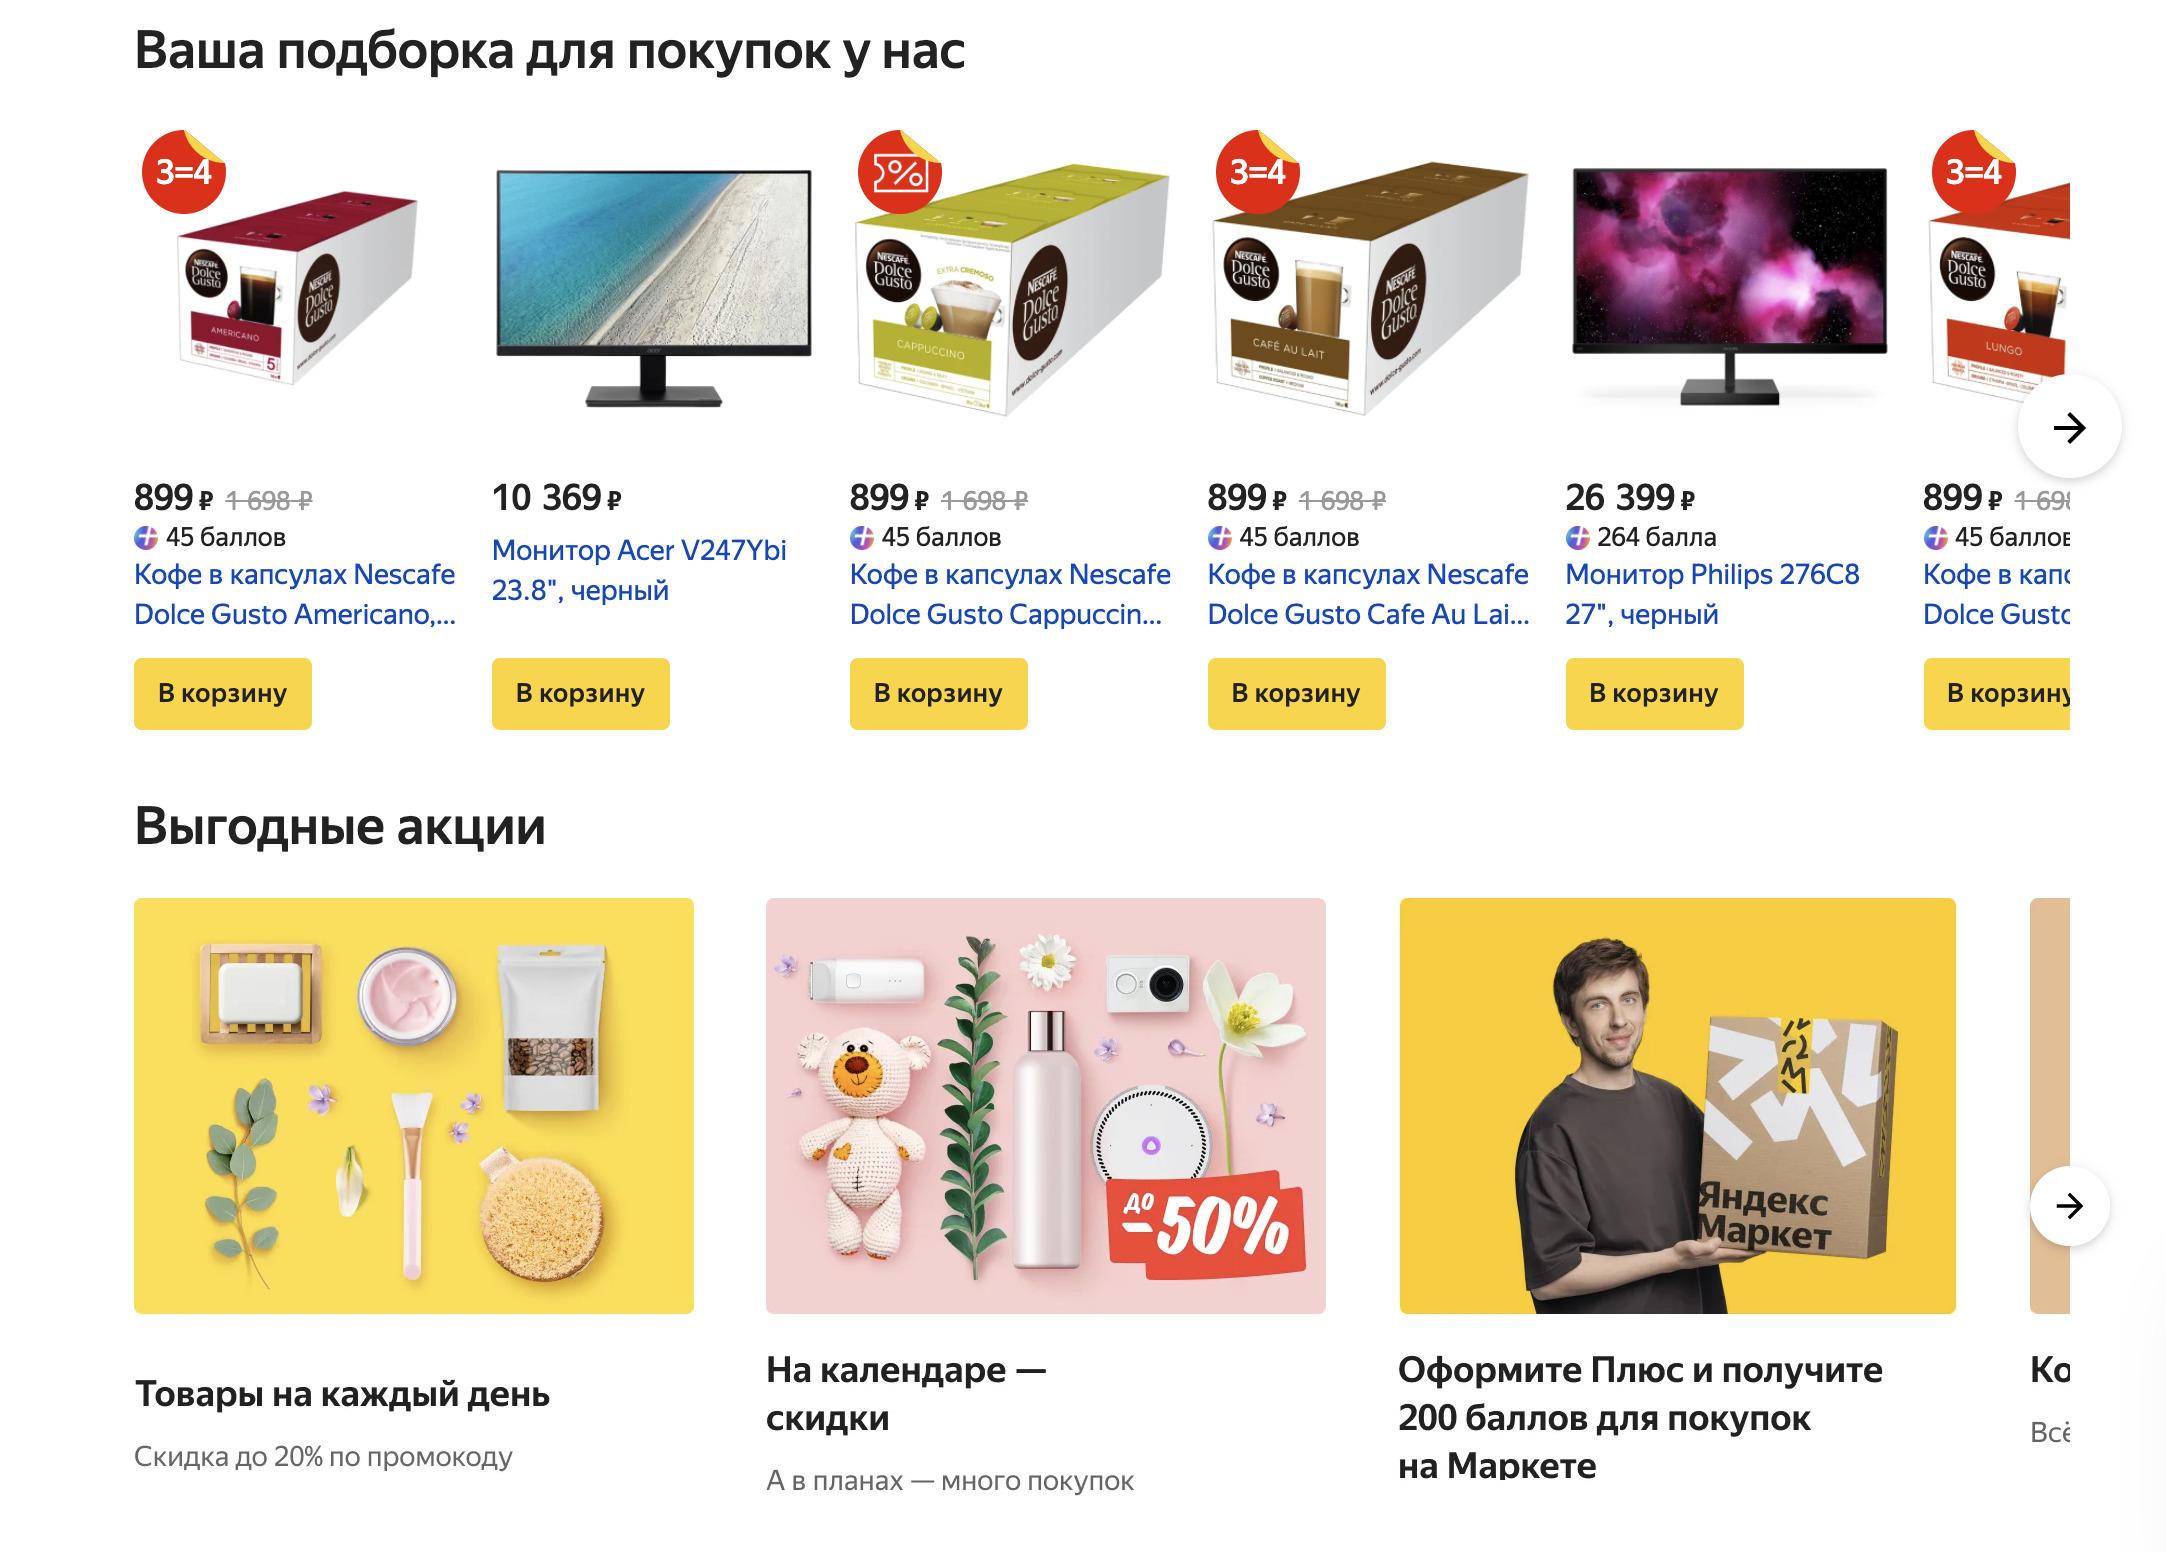 Доставка из Яндекс.Маркет в Ленинск-Кузнецкий, сроки, пункты выдачи, каталог